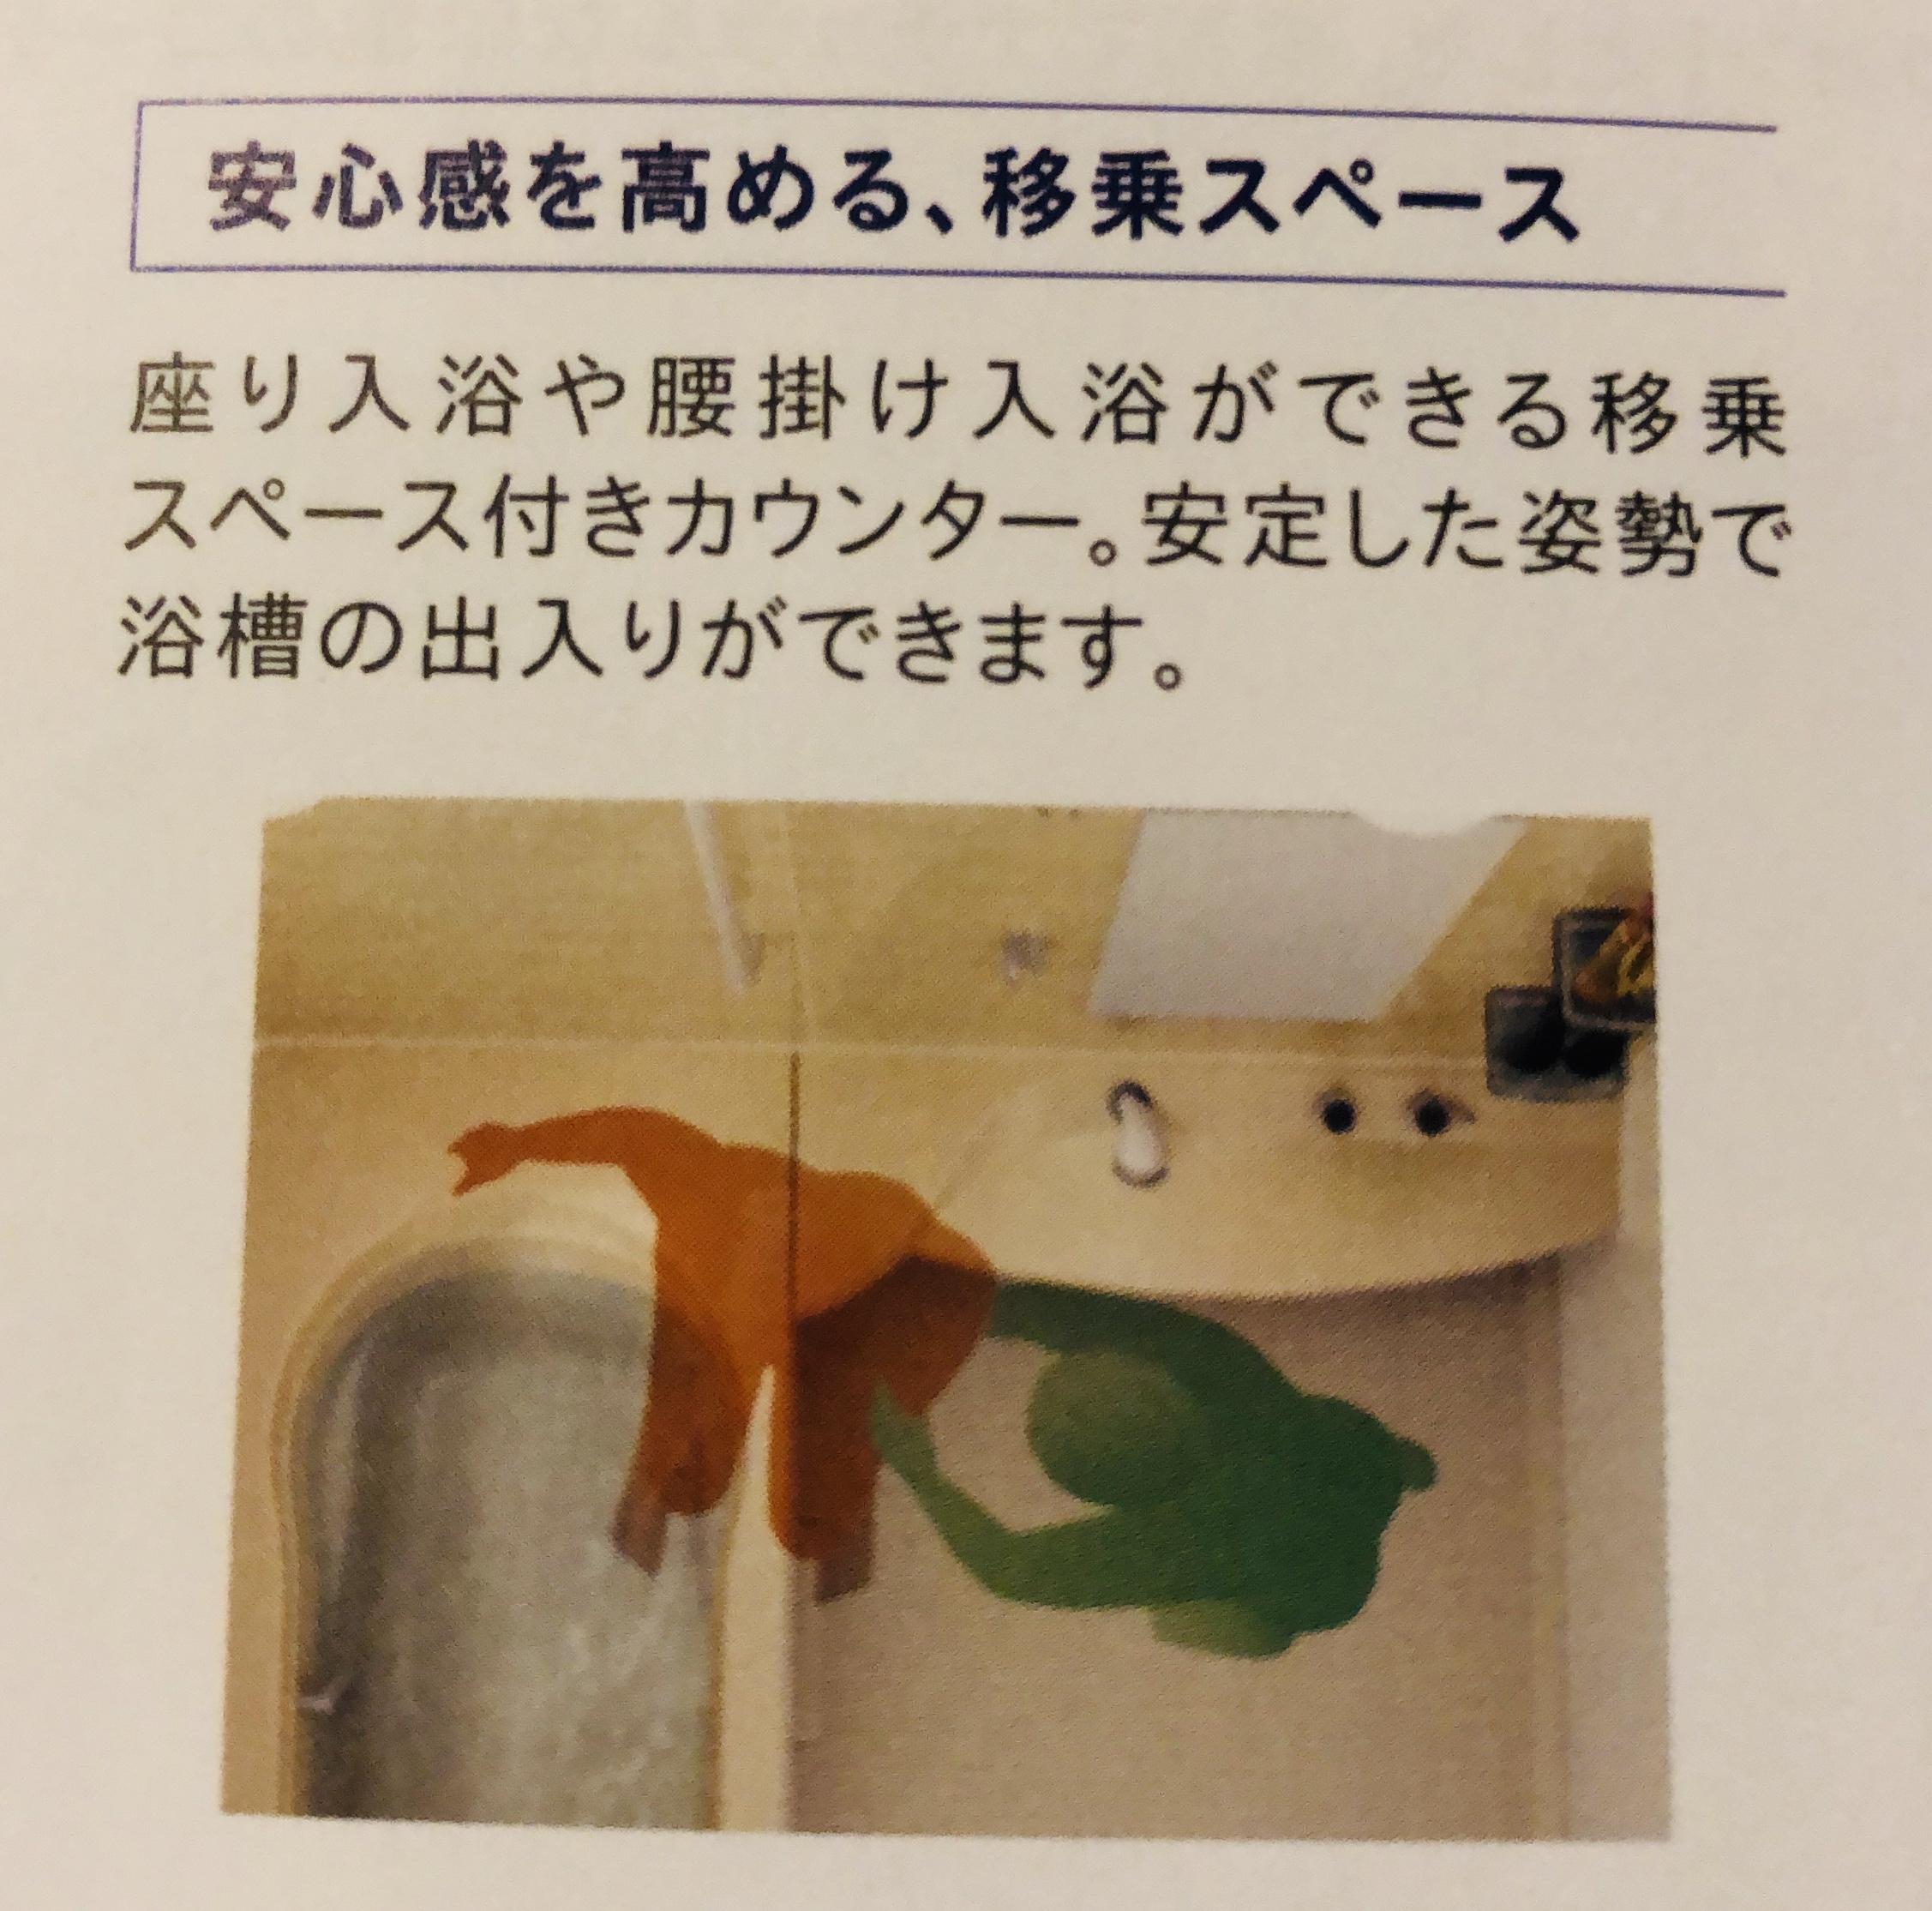 セキスイハイムのお風呂・加齢配慮のカウンター